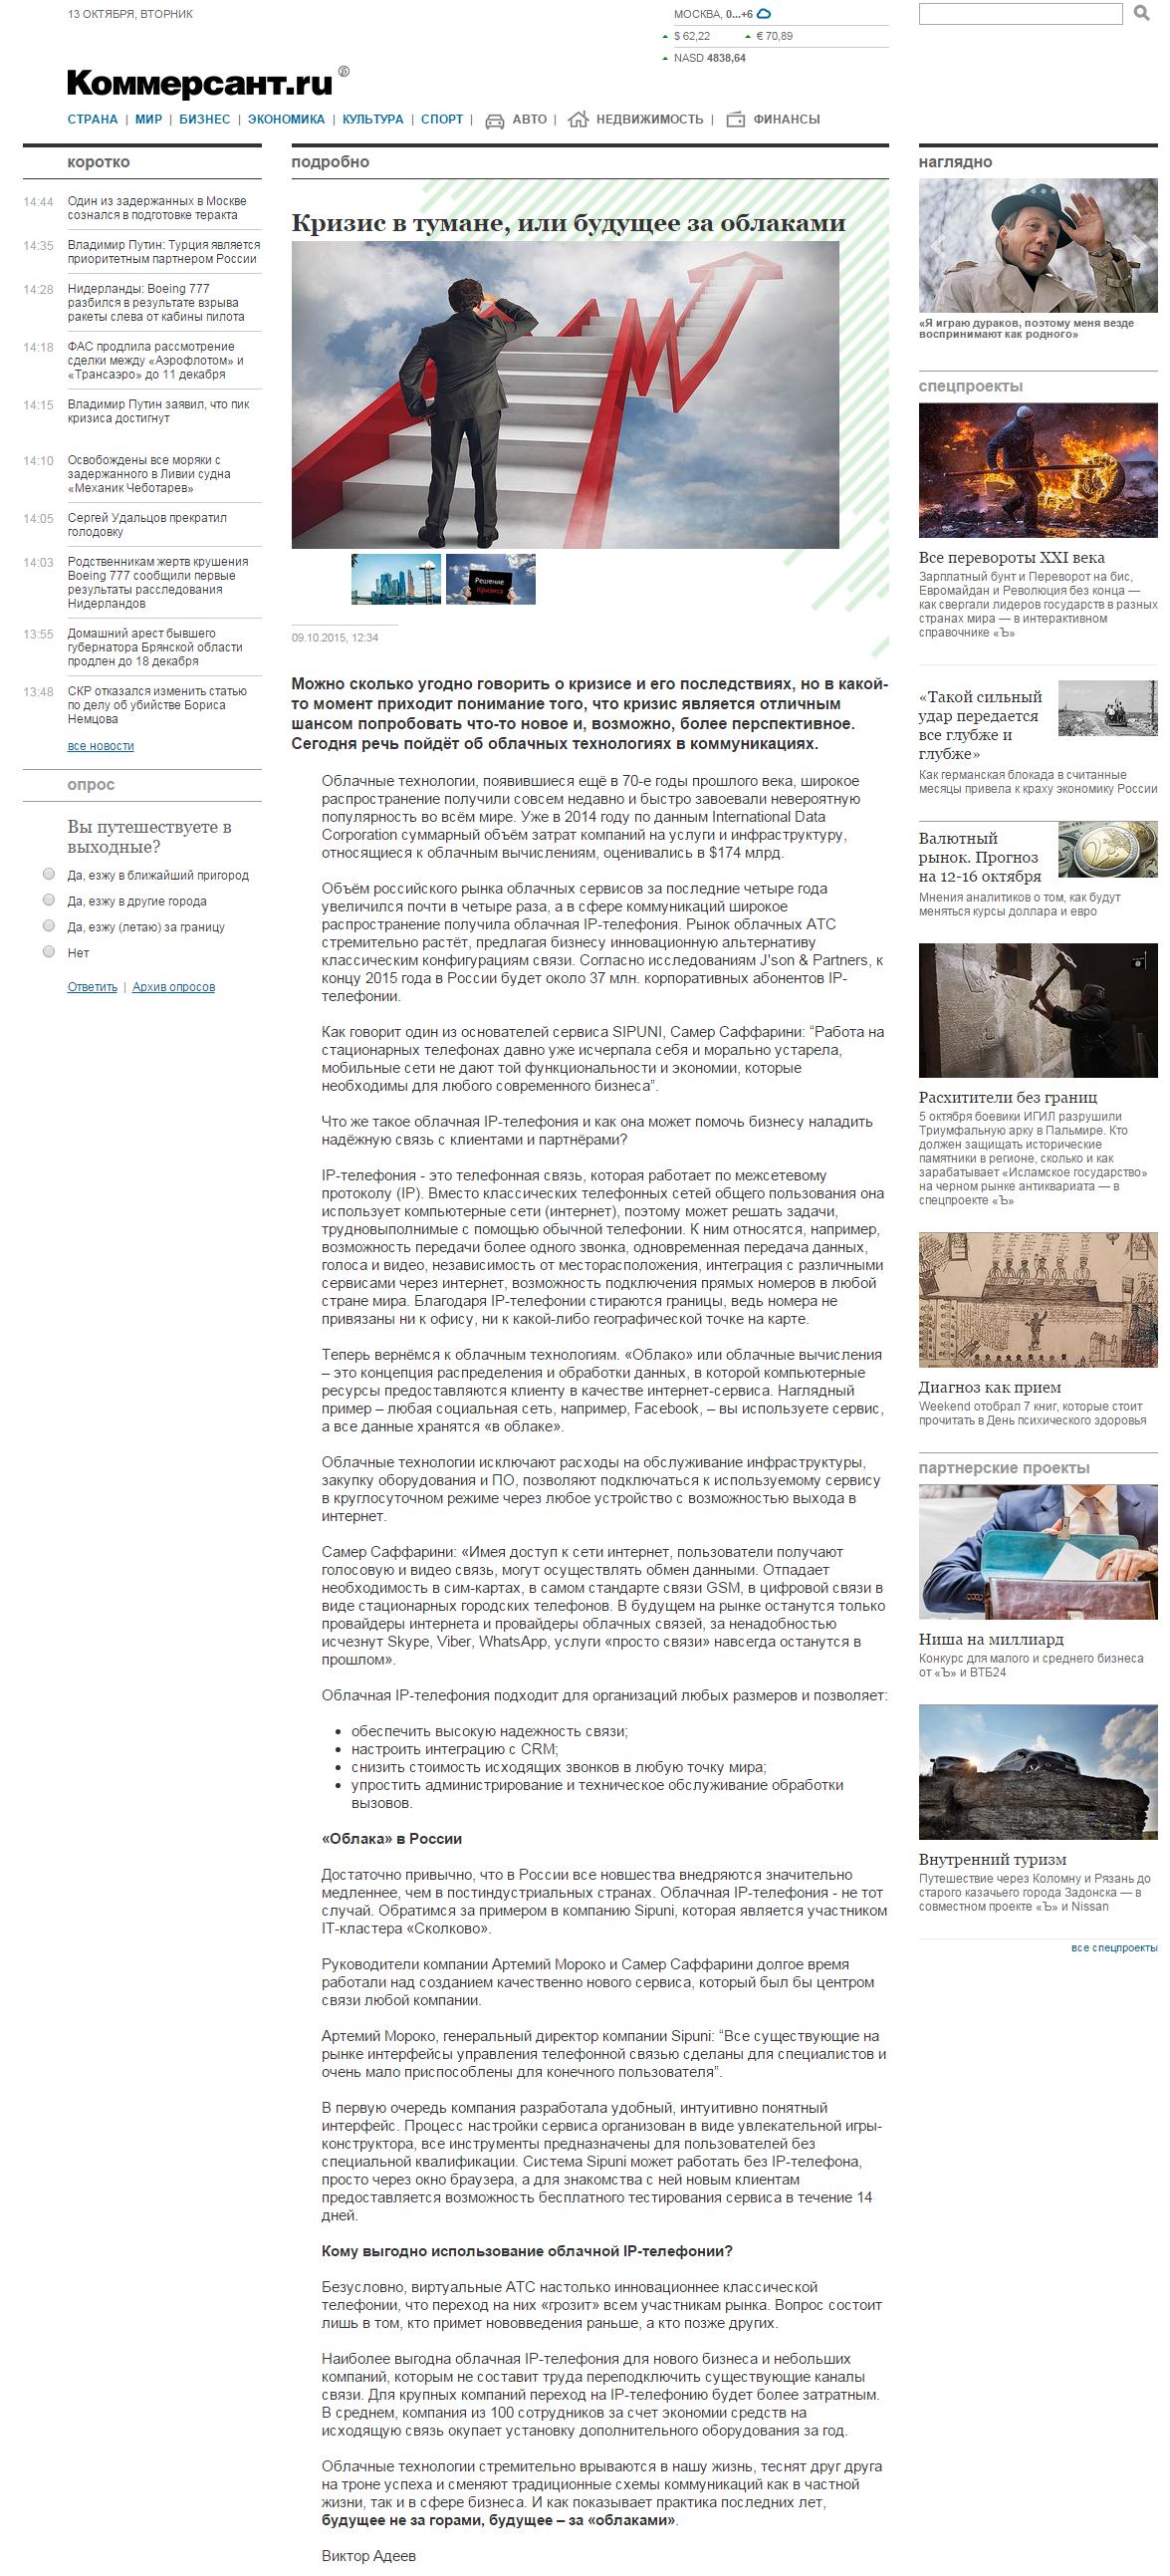 """Статья про облачные технологии и сервис """"SIPUNI"""" в """"Коммерсанте"""""""